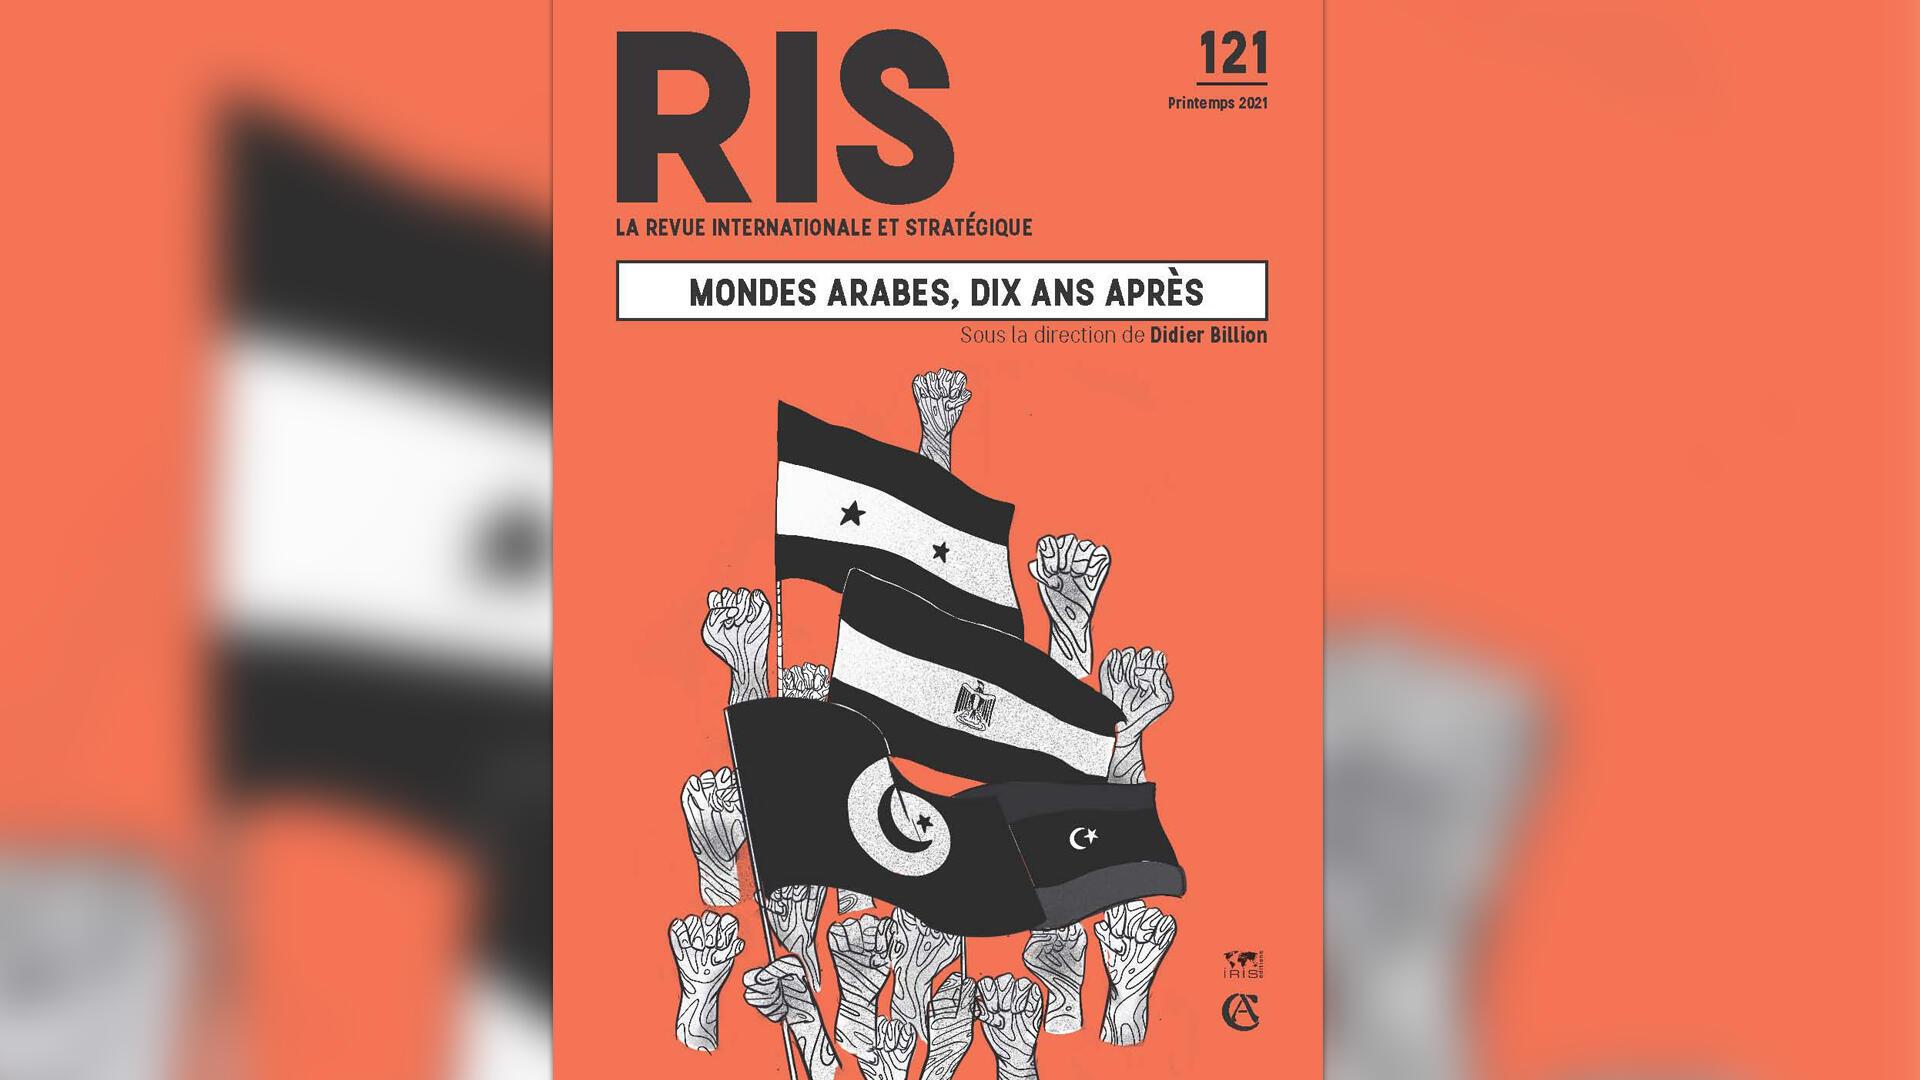 couverture - Revue internationale stratégique - Mondes arabes 10 ans après - Géopolitique le débat